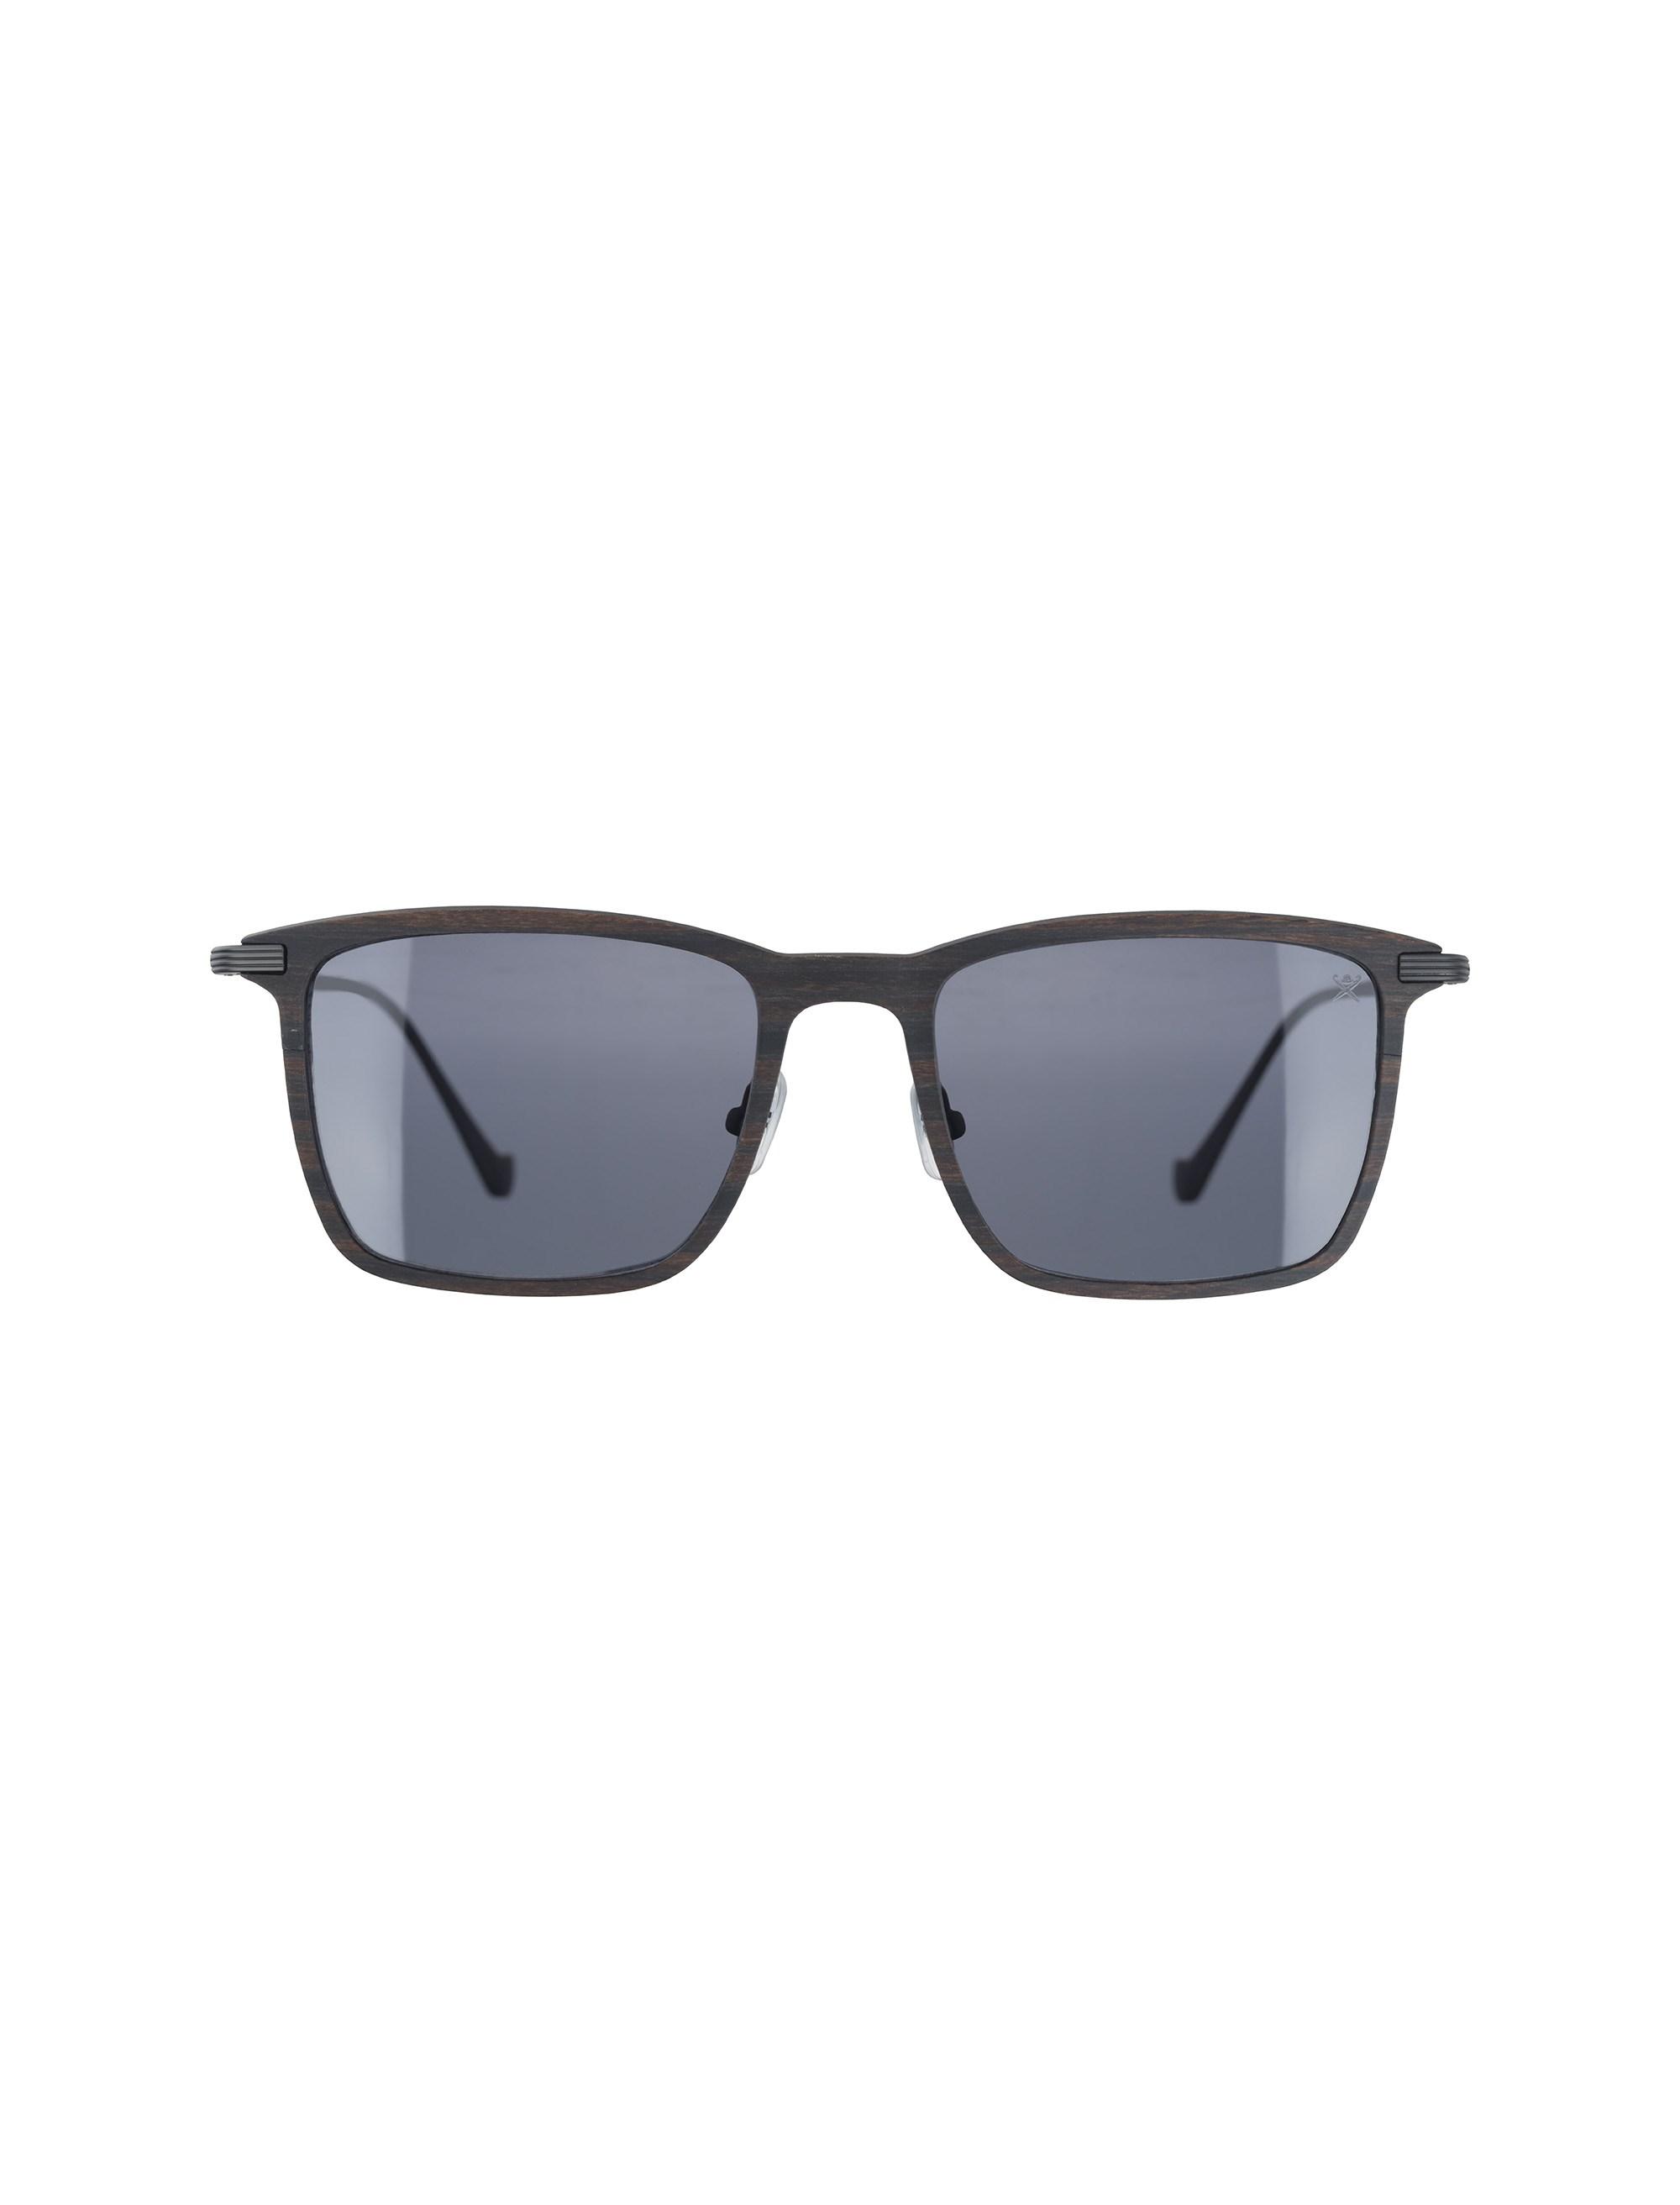 عینک آفتابی ویفرر مردانه - قهوه اي طرح چوب - 1